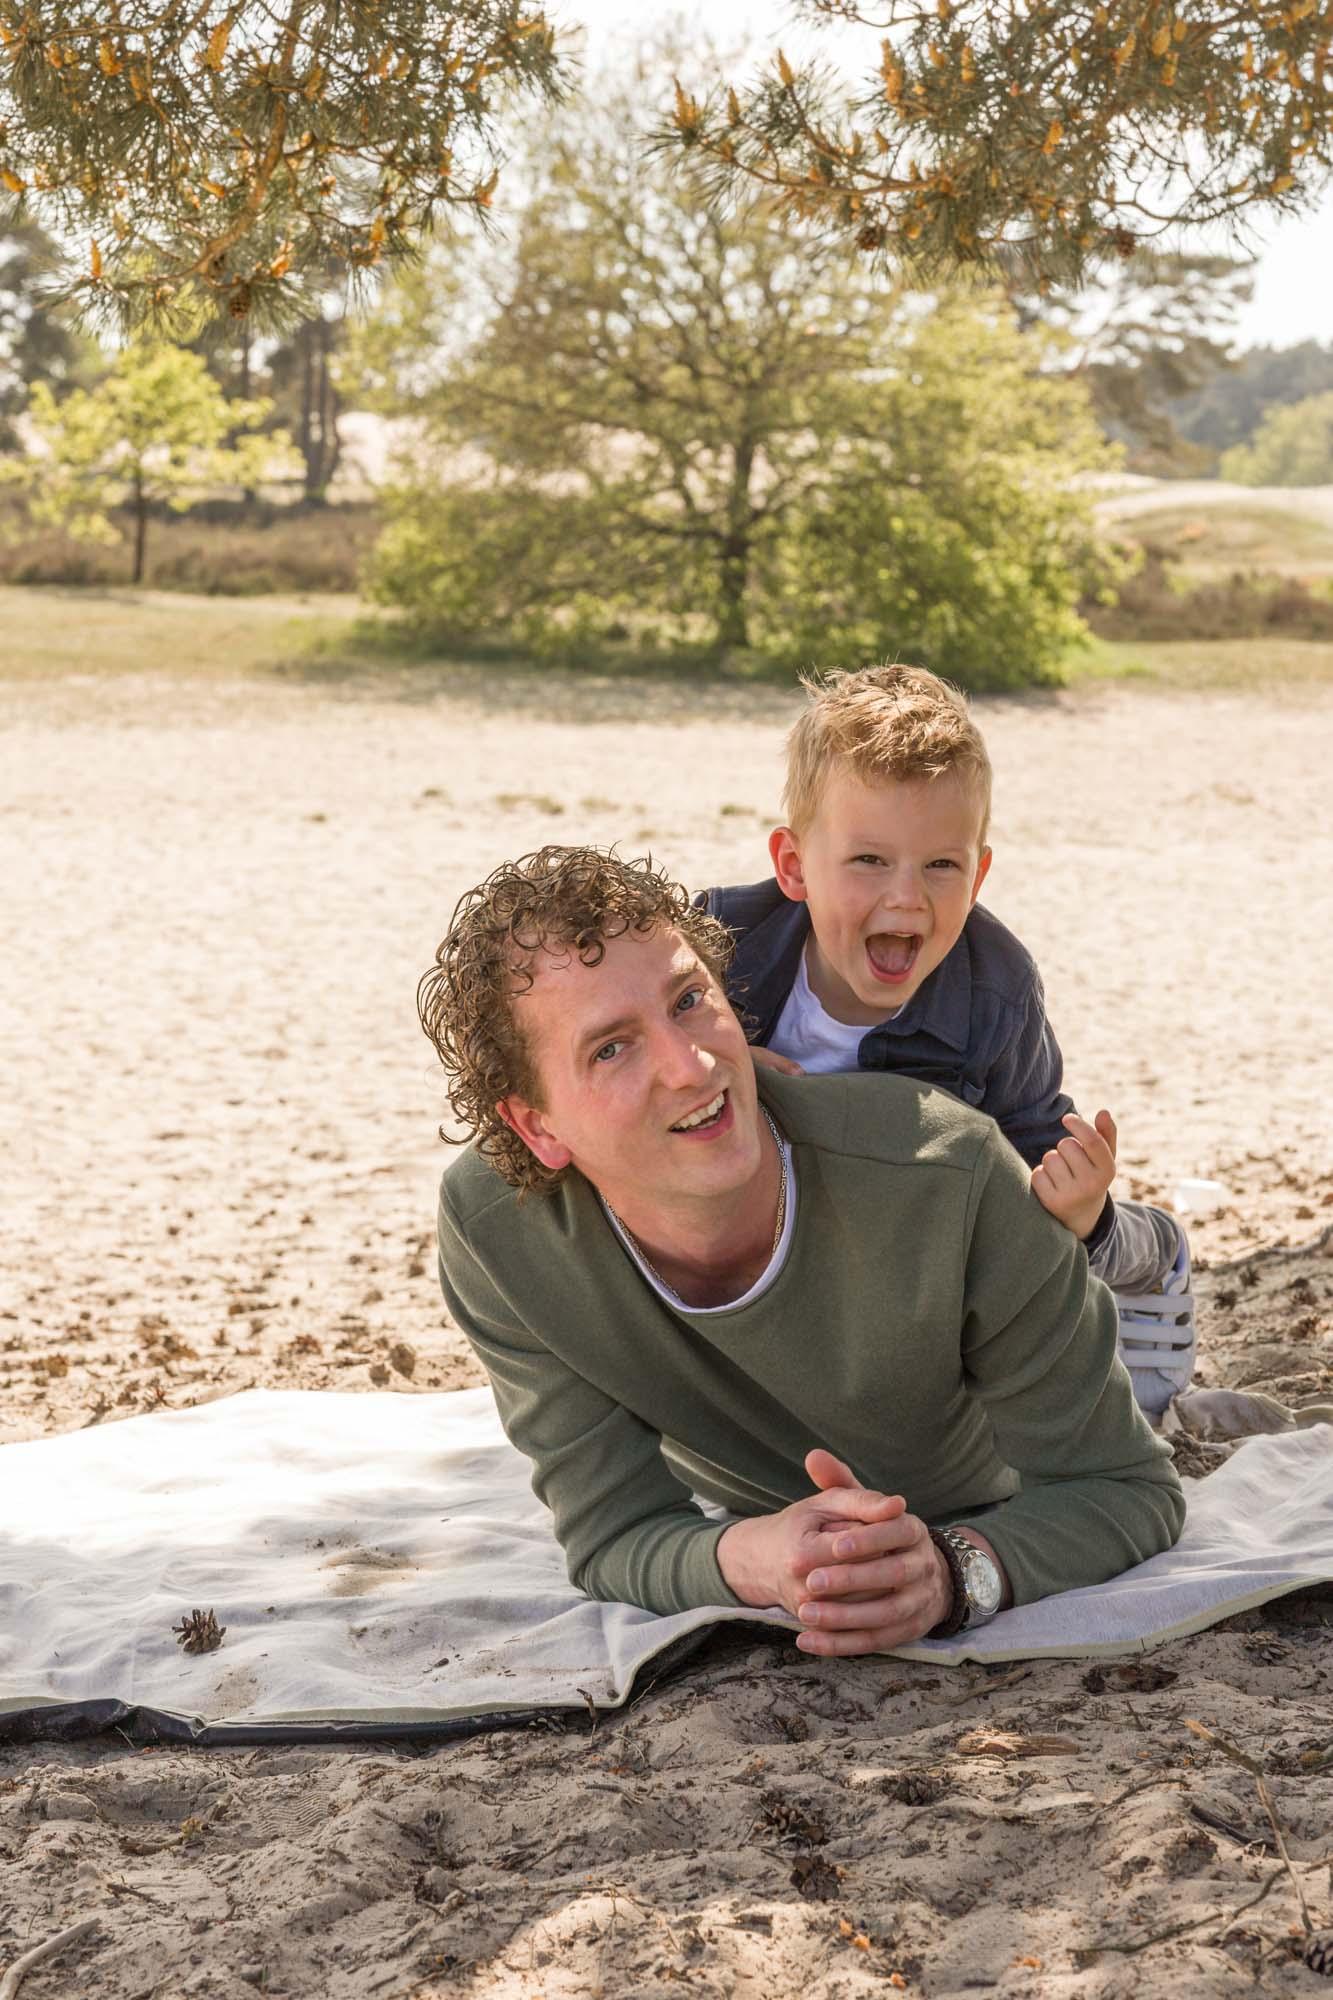 Gezinsfotograaf in Amersfoort, Nijkerk, Hoevelaken en omgeving, voor gezinsreportage. Gezinsfotoshoot door Mayra Fotografie. Soesterduinen fotoshoot.